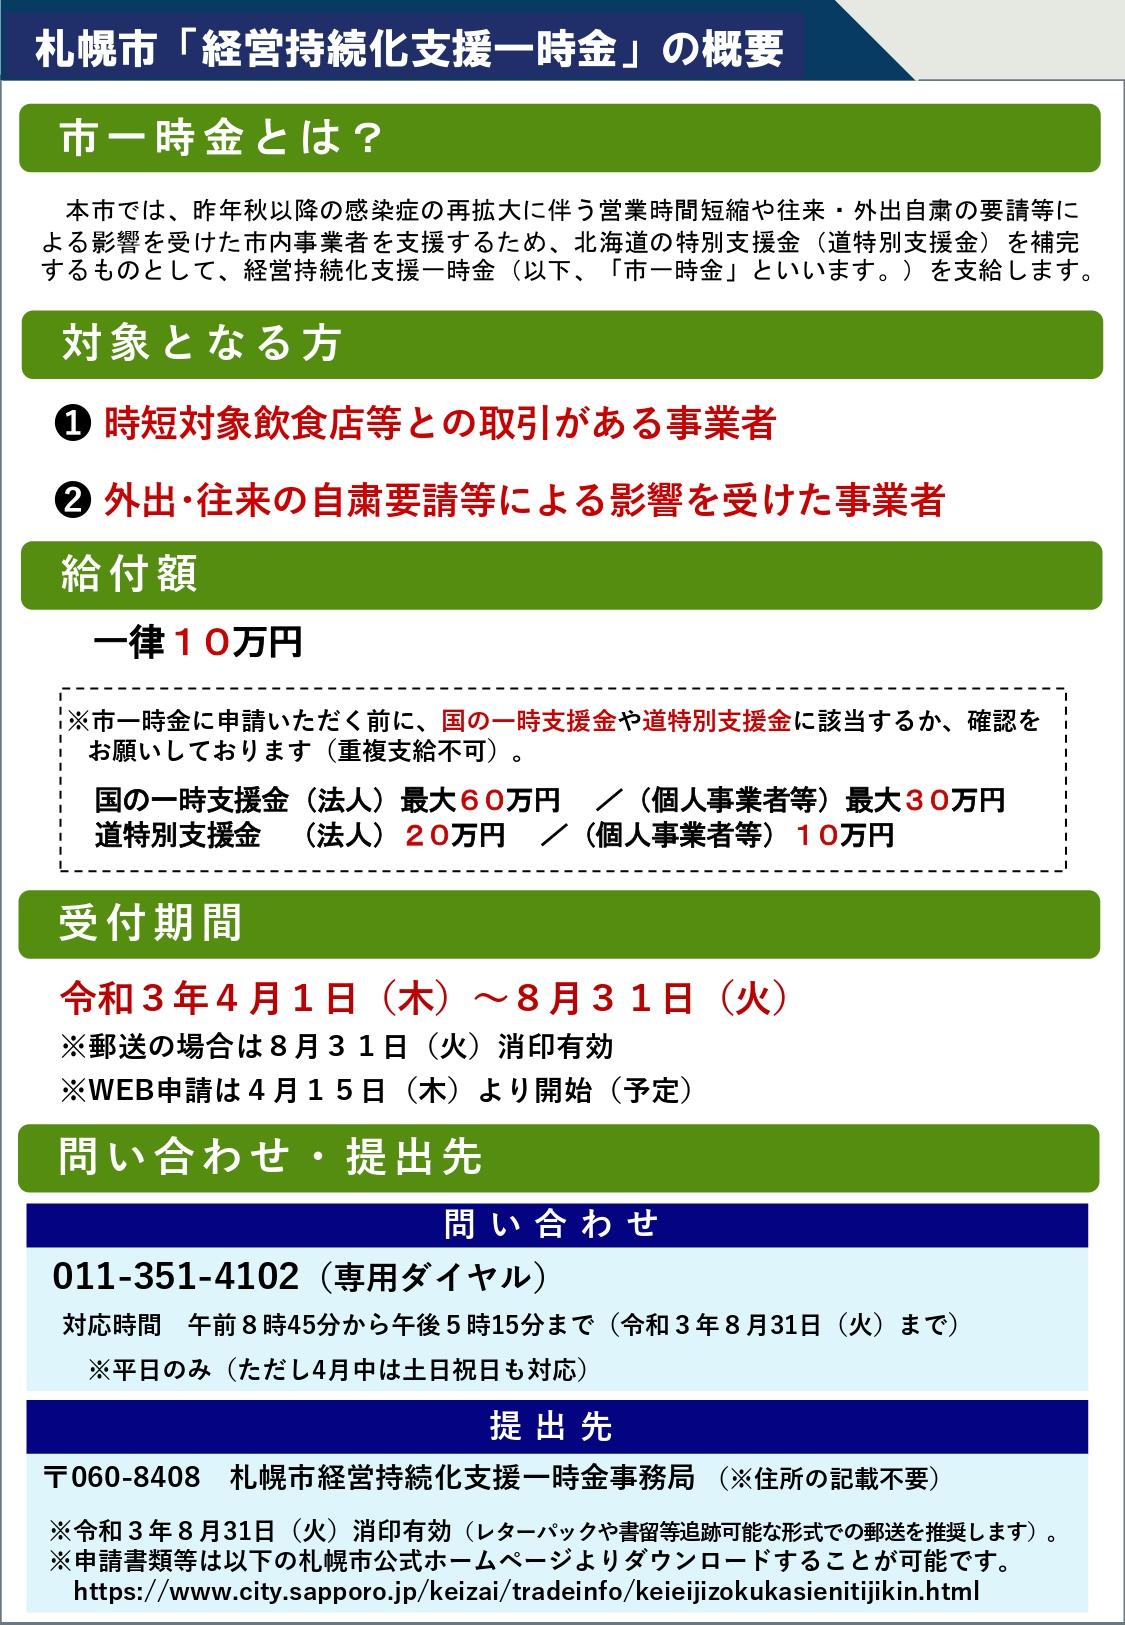 札幌市「経営持続化支援一時金」の概要(札幌市) | 北海道中小企業家 ...